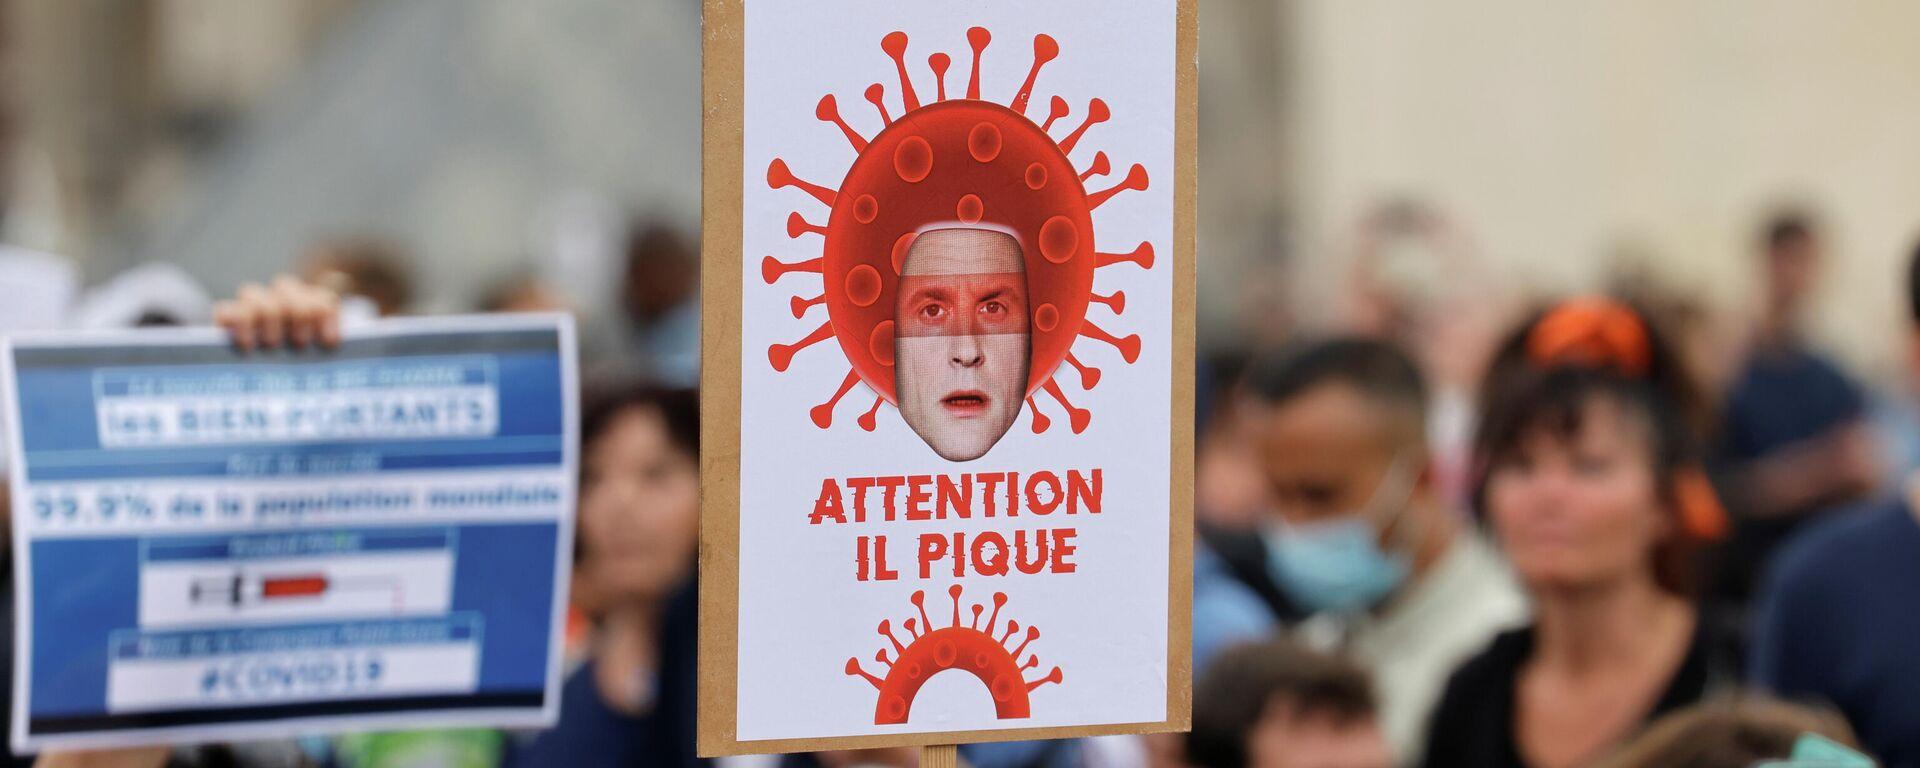 Protestas contra las medidas sanitarias en Francia - Sputnik Mundo, 1920, 18.07.2021